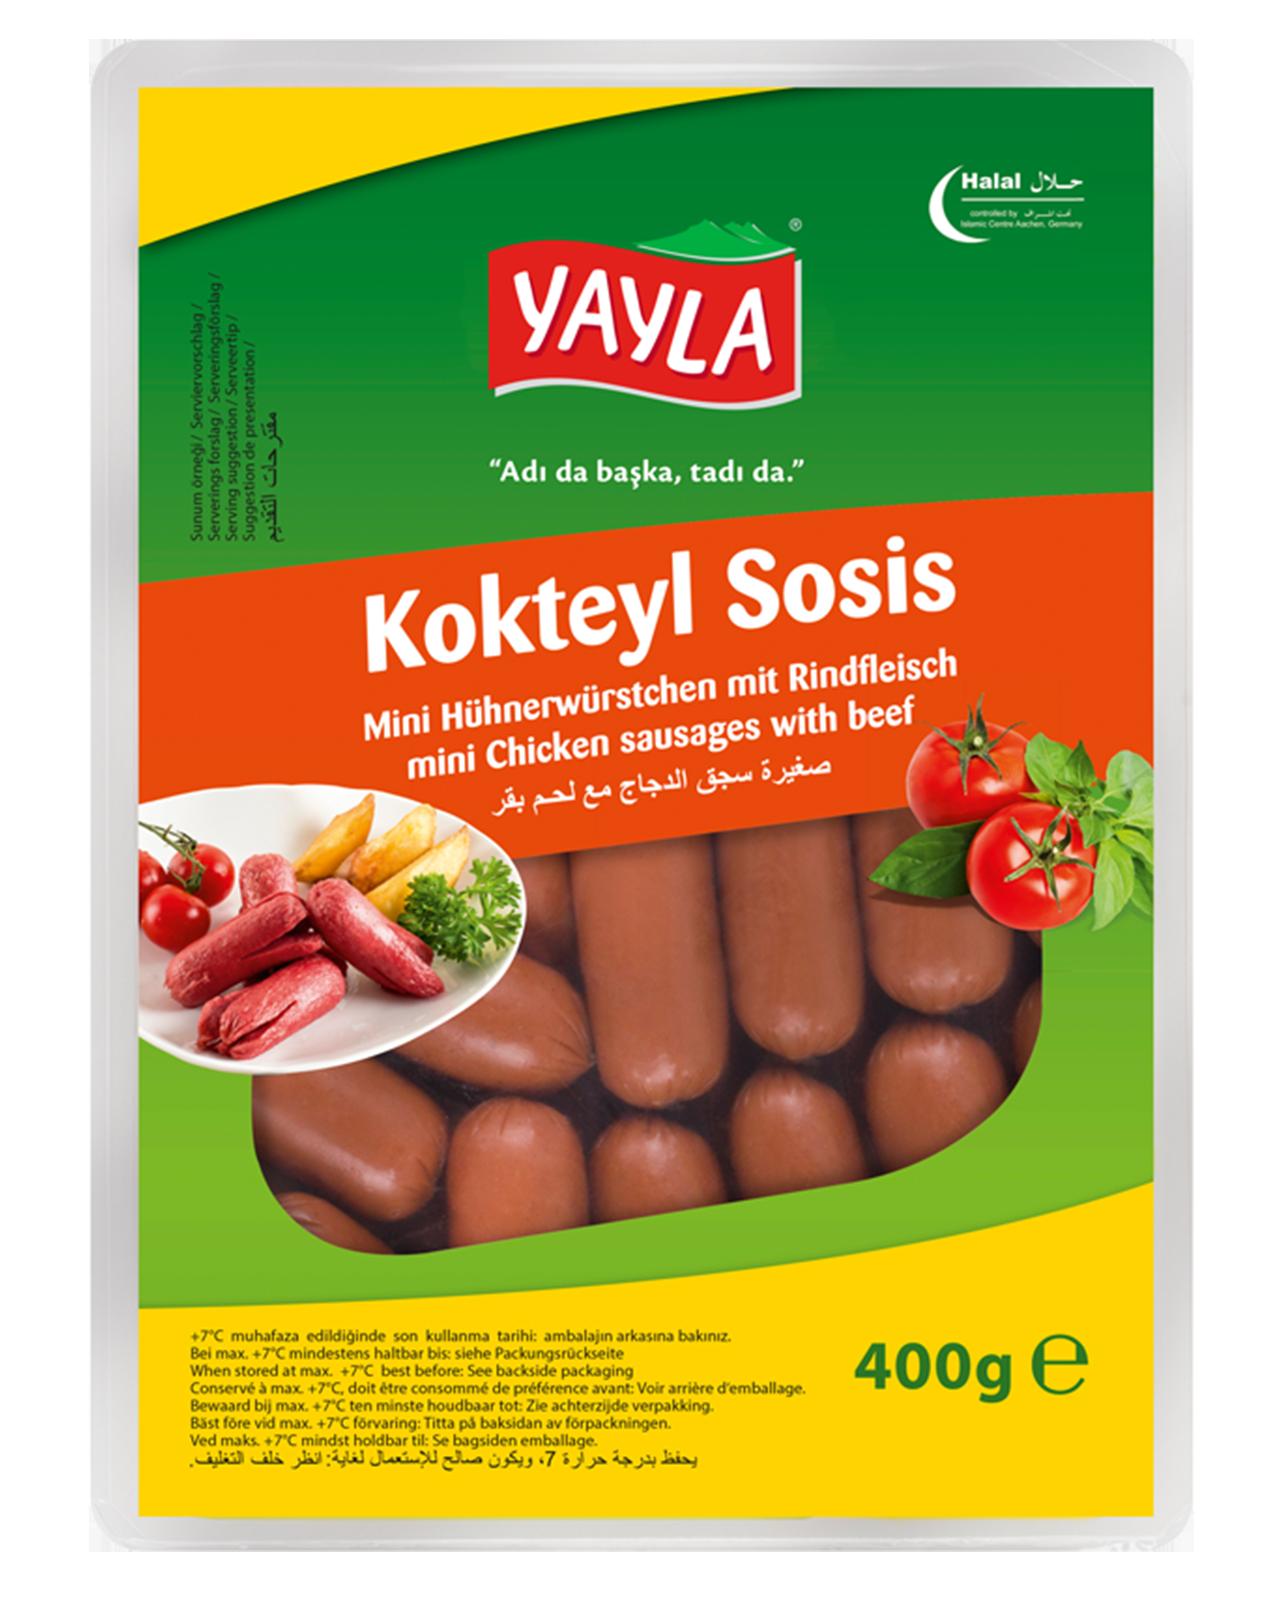 Yayla| Mini Hühnerwürstchen mit Rindfleisch